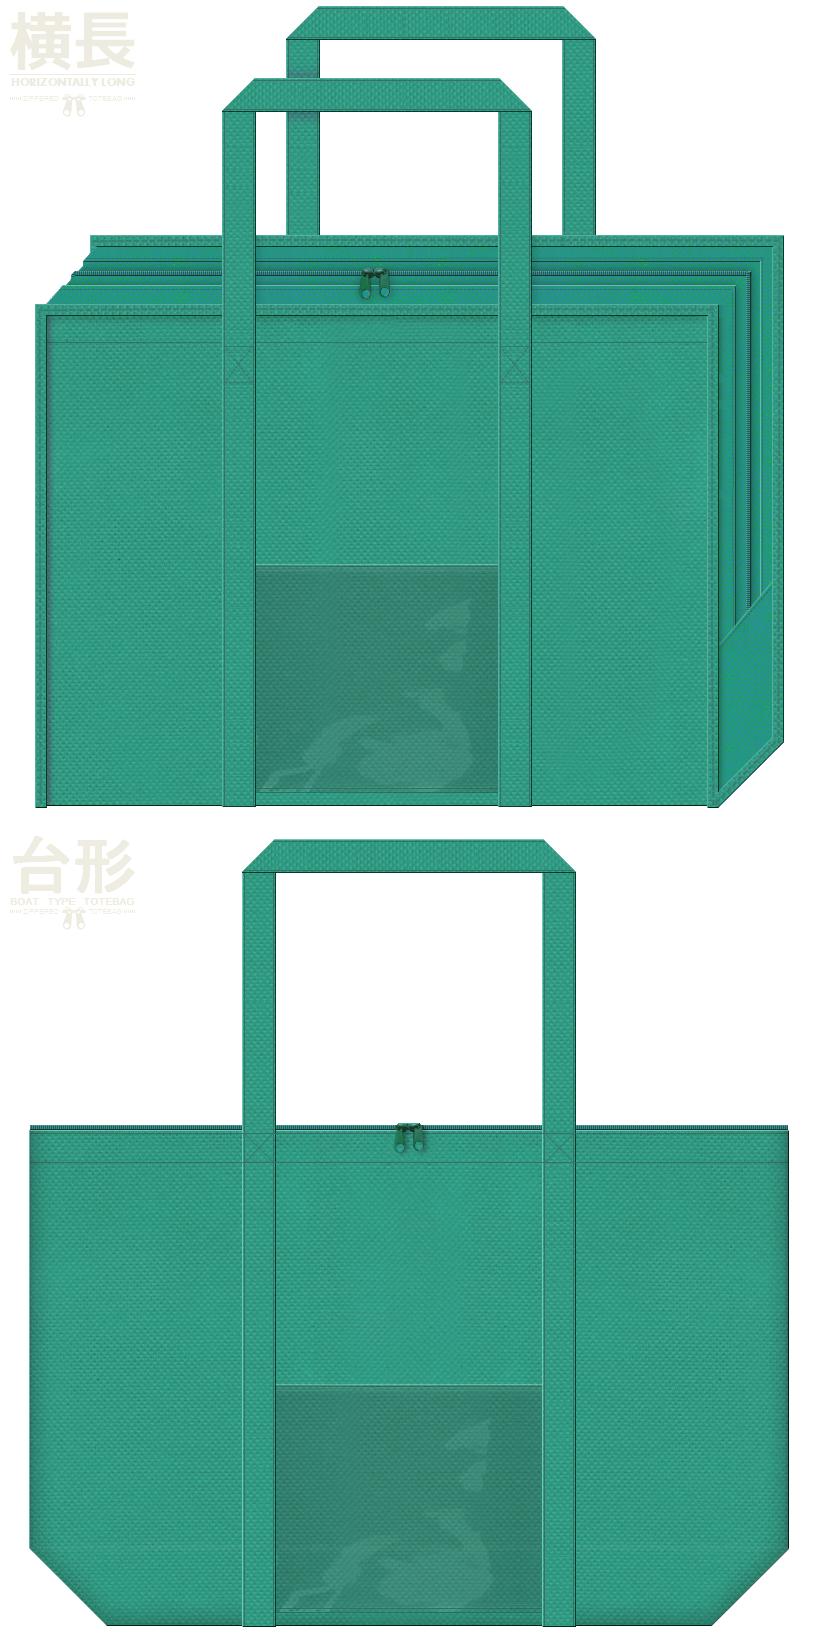 青緑色の不織布バッグデザイン:透明ポケット付きの不織布ランドリーバッグ